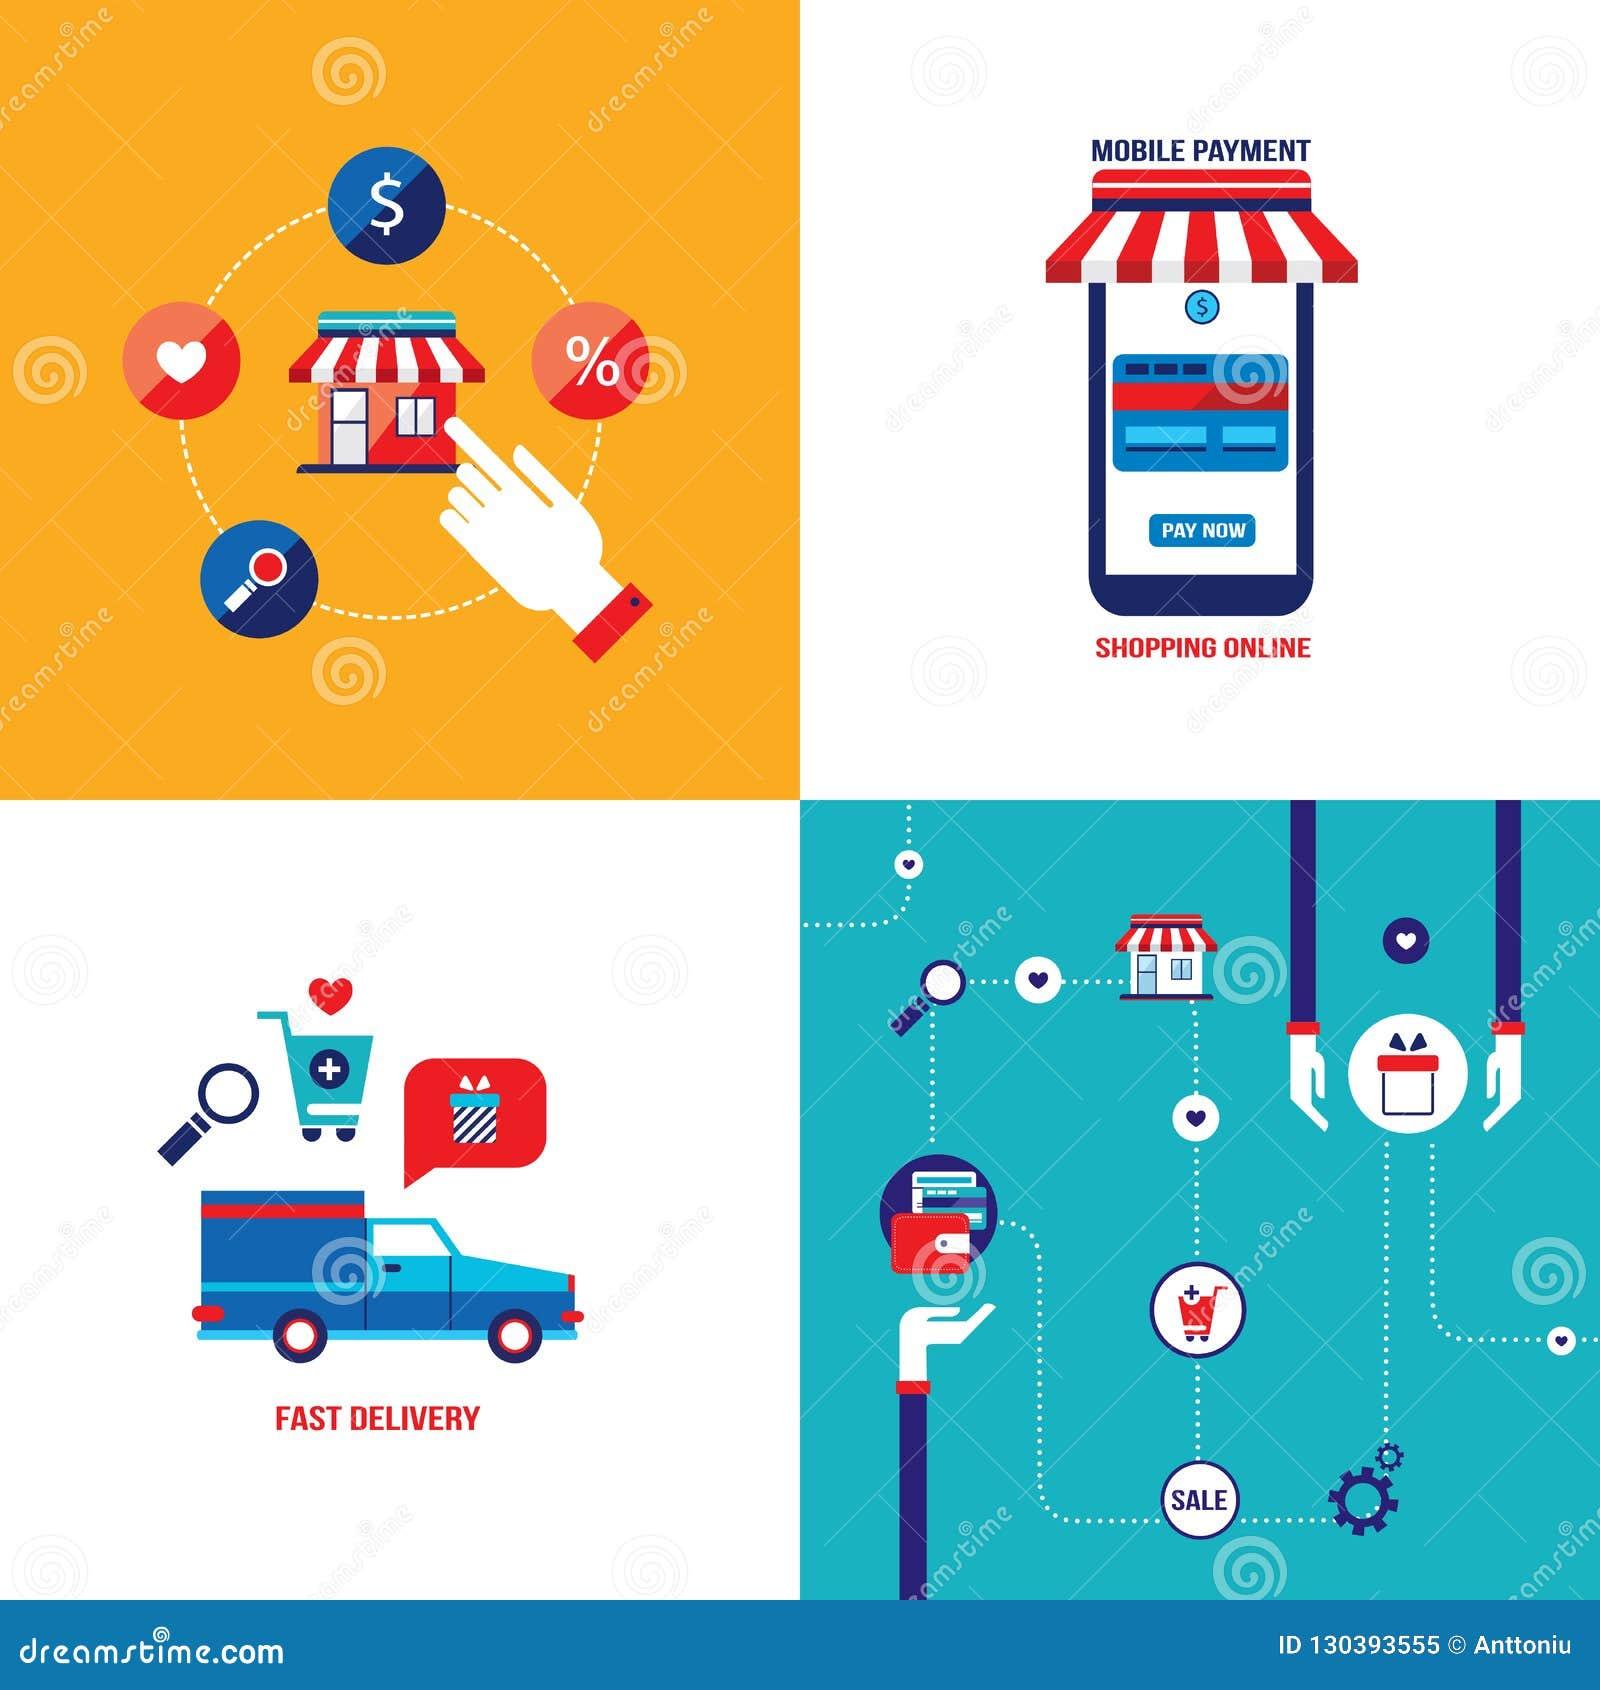 Online-shoppa e-kommers mobil betalning och lyckad affärsidébaneruppsättning